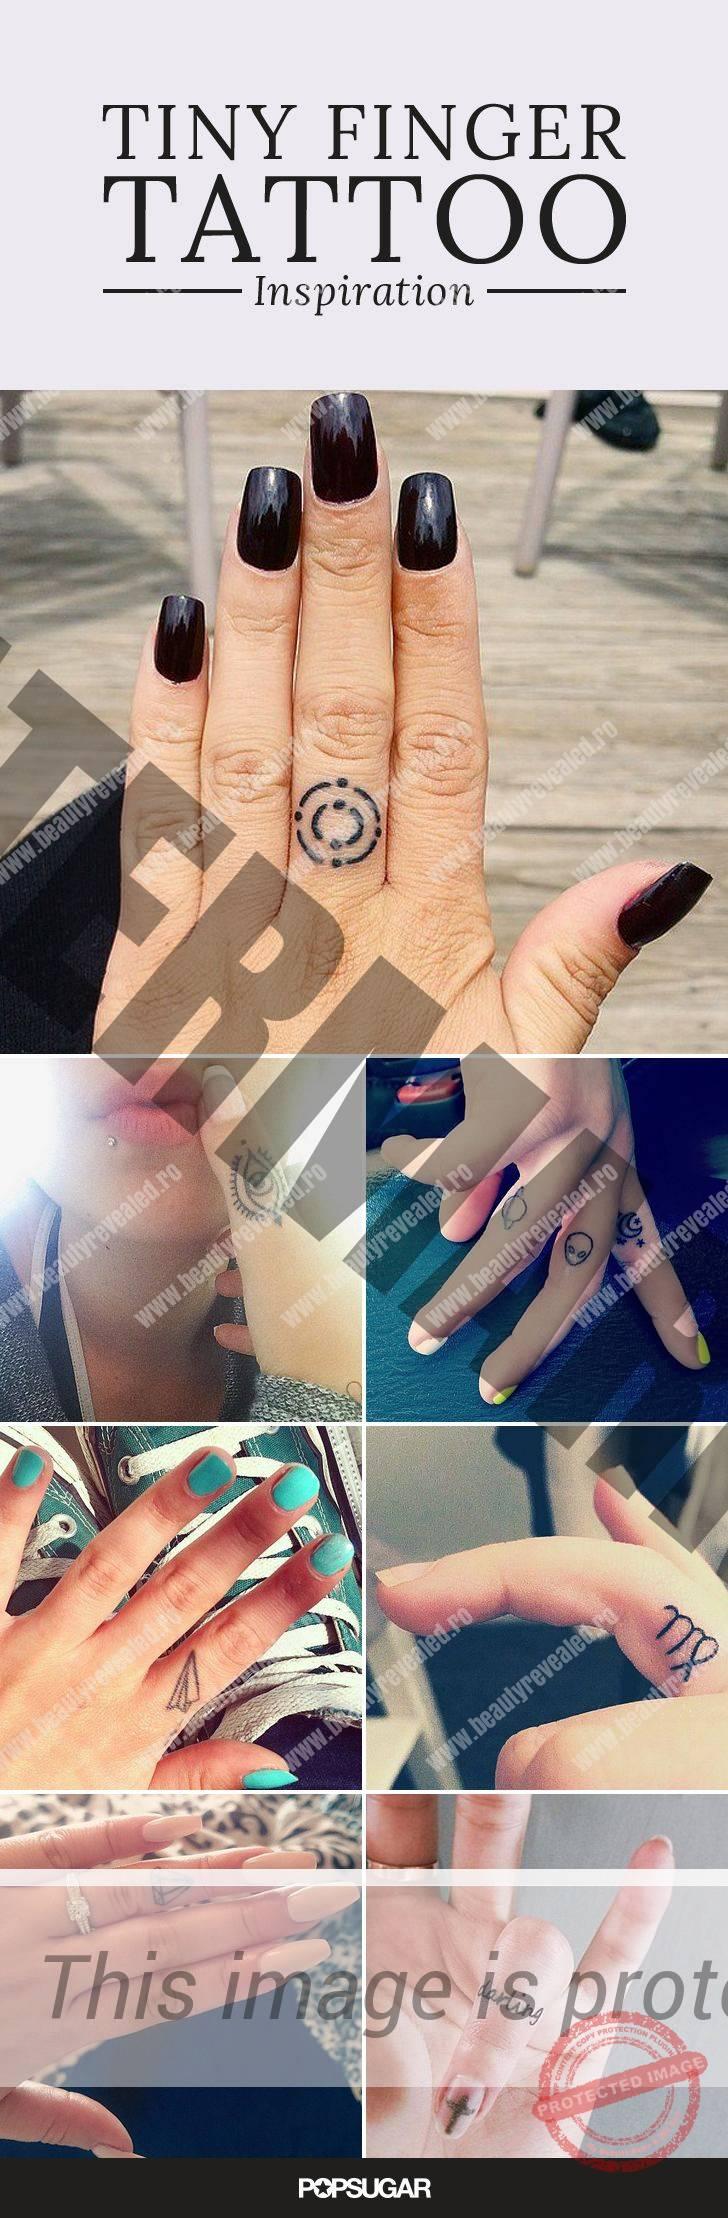 tatuaje-mici-pe-degete-00